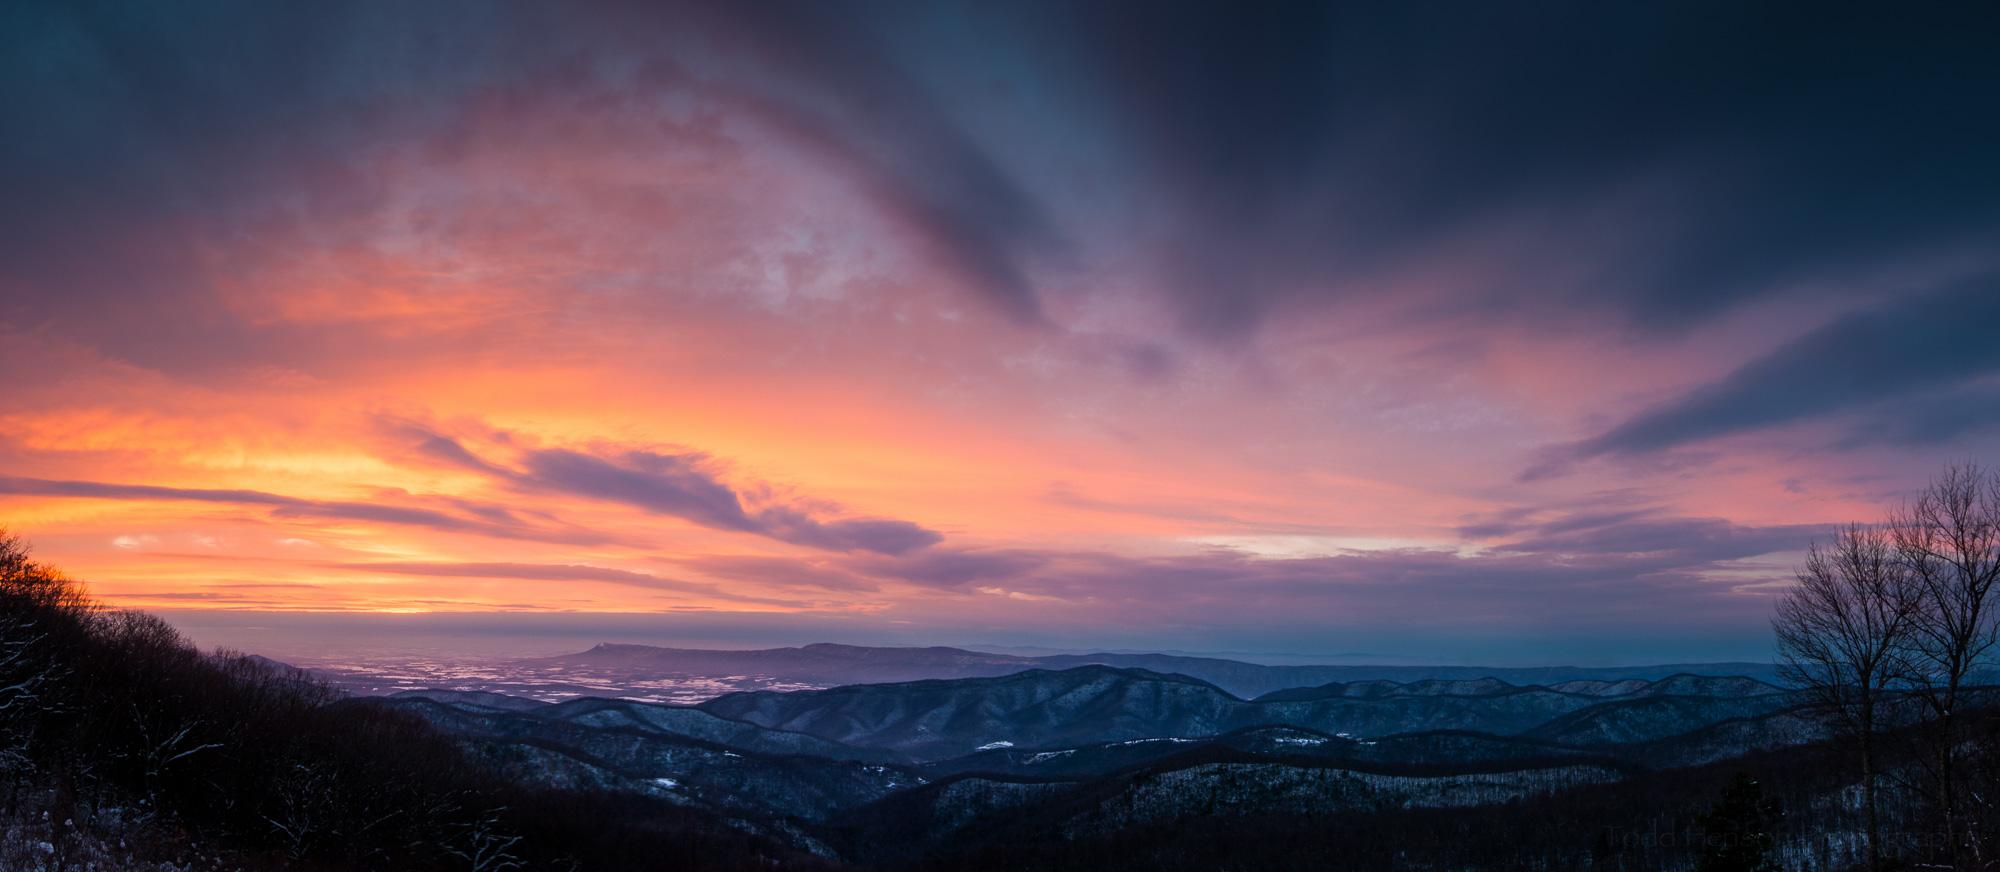 Skyline Drive Sunset